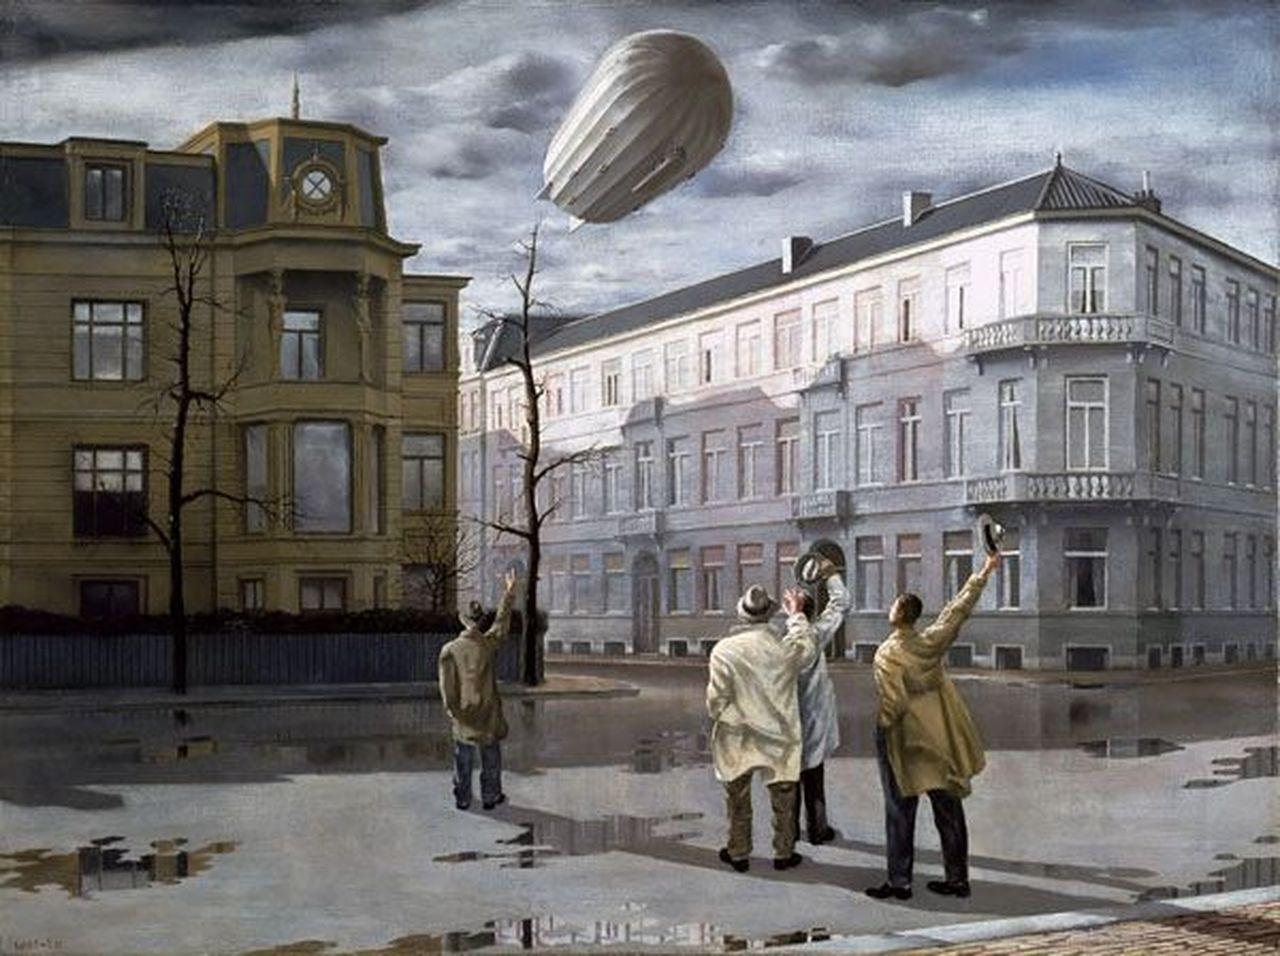 De zeppelin (1933), Stadhouderskade hoek P.C. Hooftstraat (schilderij)